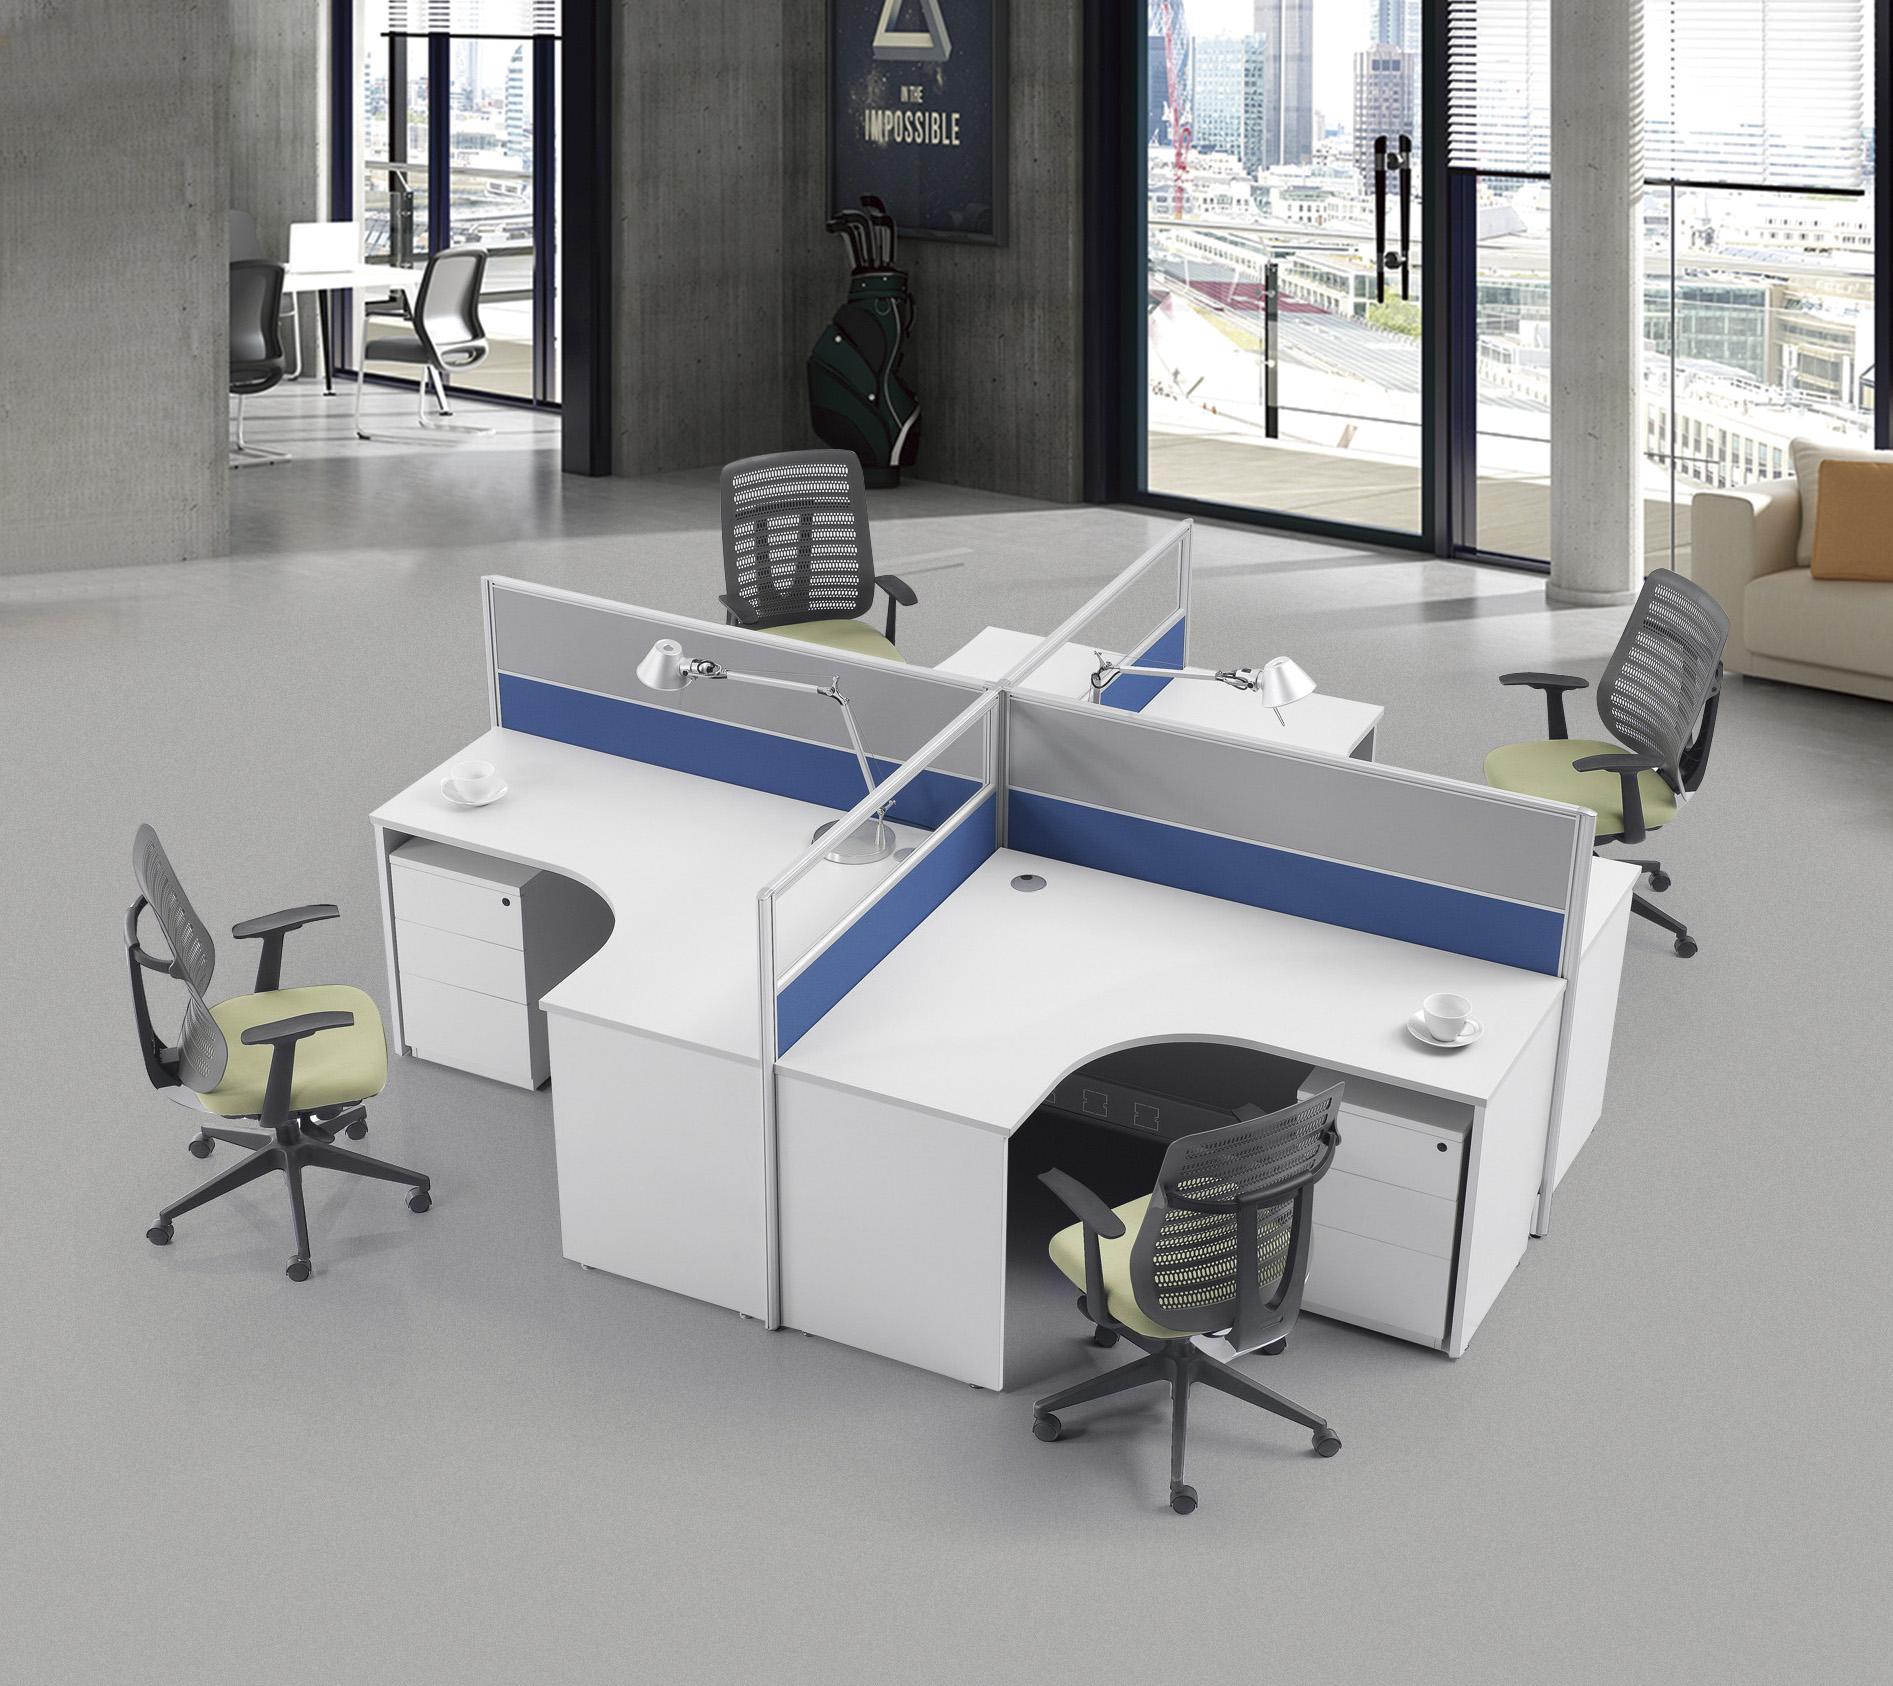 買辦公家具時哪些因素重要?